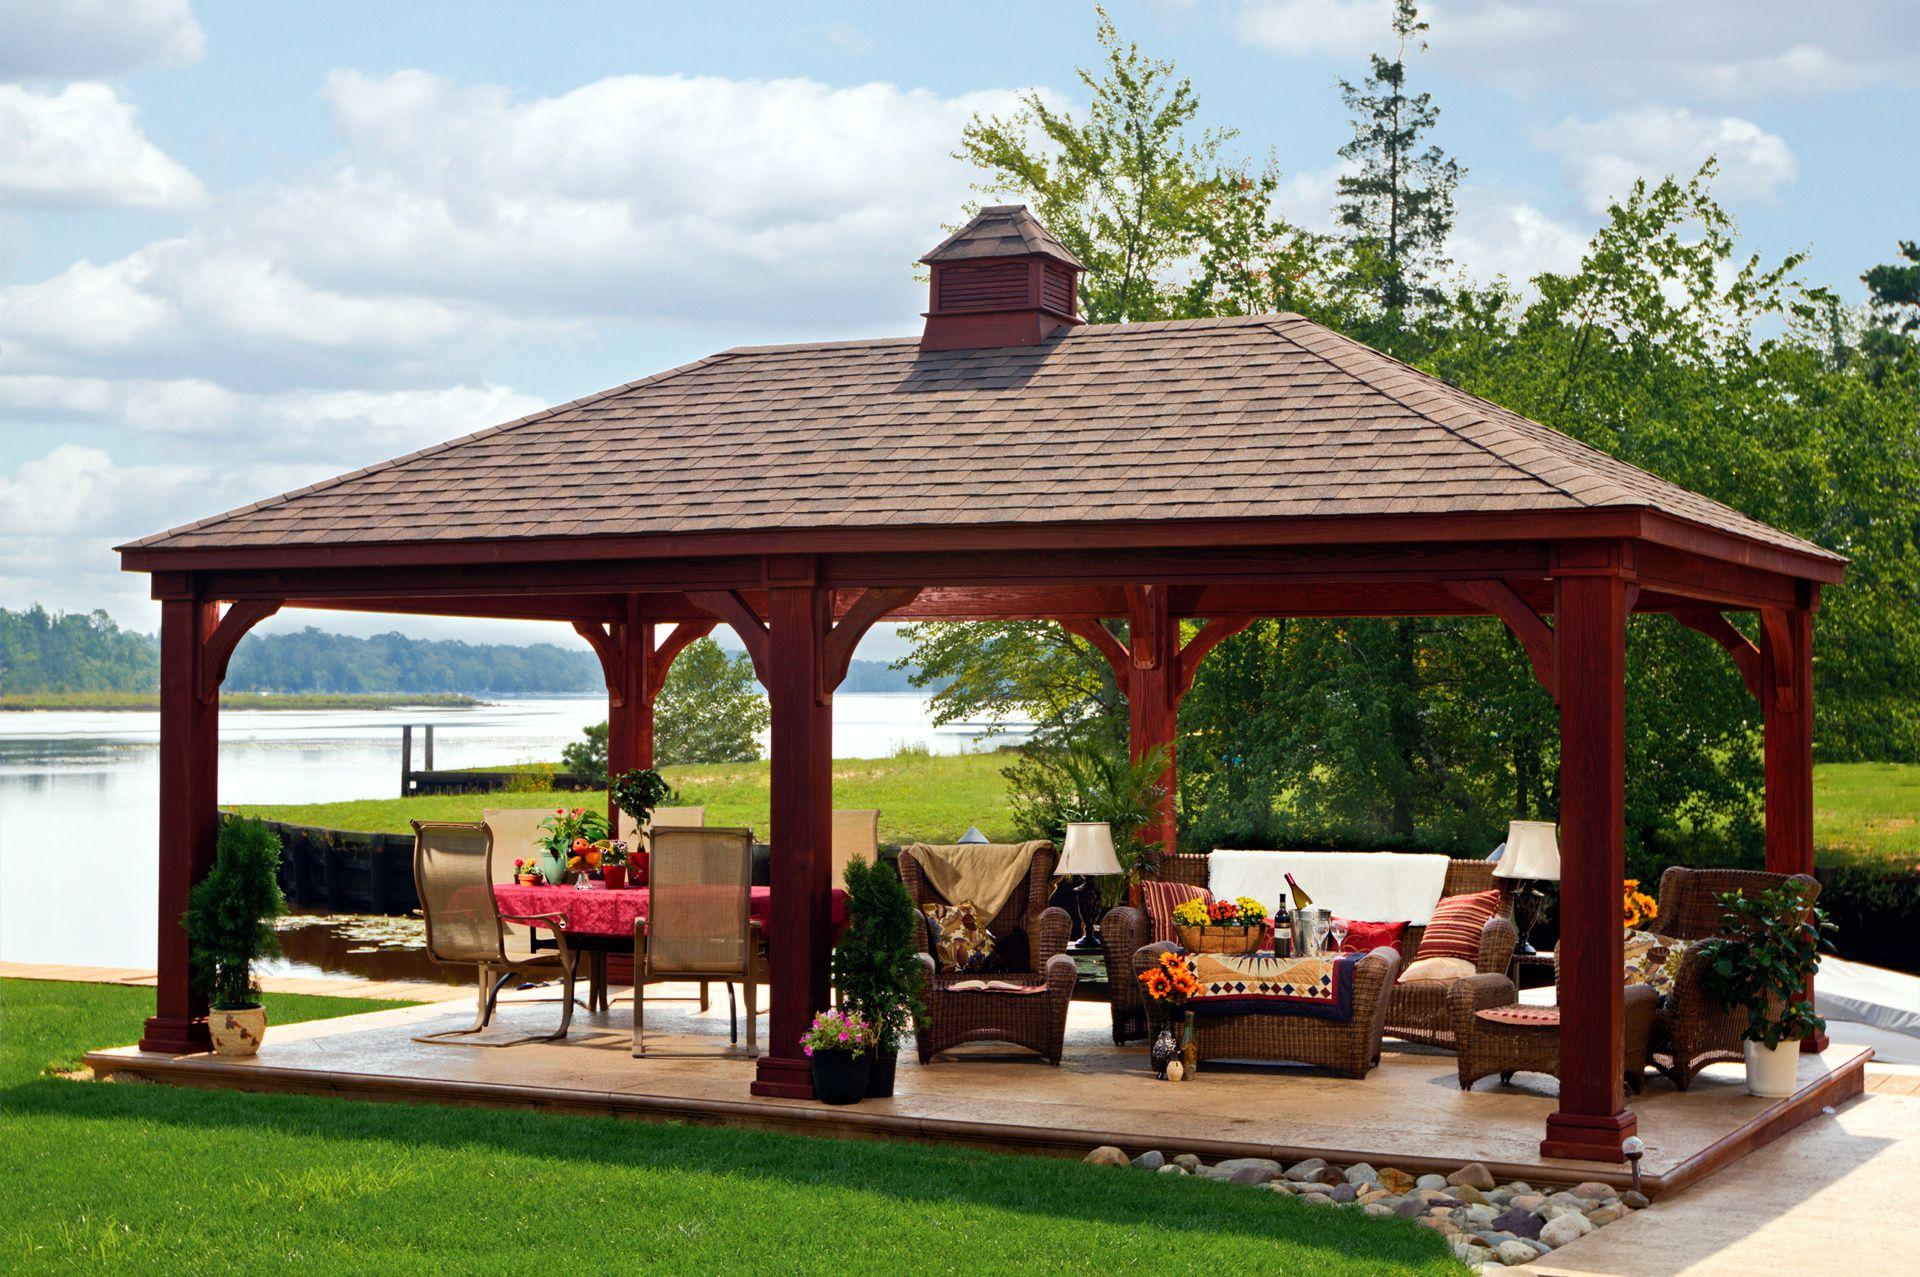 Image Result For Furniture Set Up 12 X 16 Gazebo Backyard Pavilion Backyard Gazebo Outdoor Pavilion